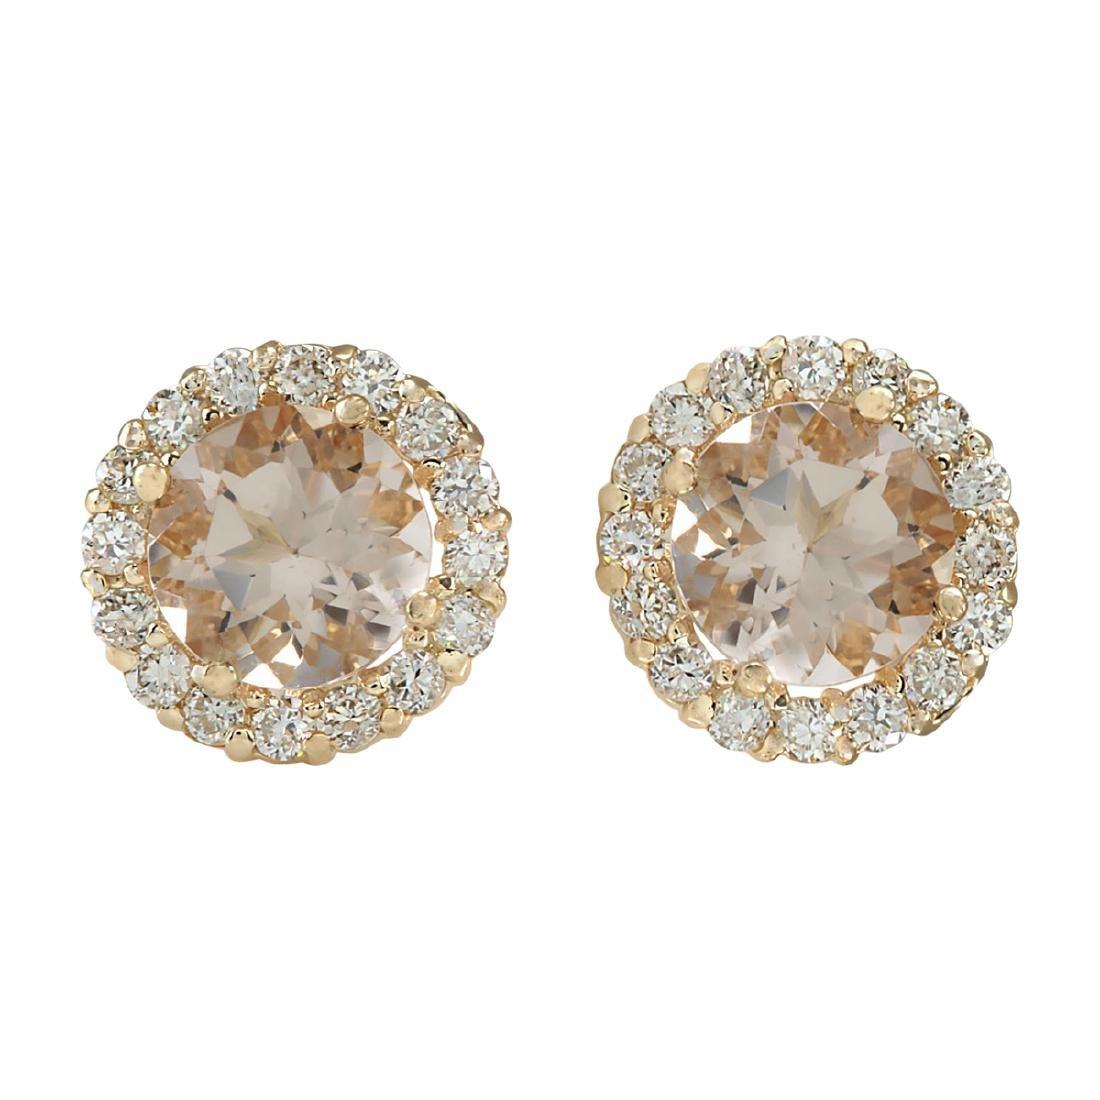 3.65 CTW Natural Morganite And Diamond Earrings 18K